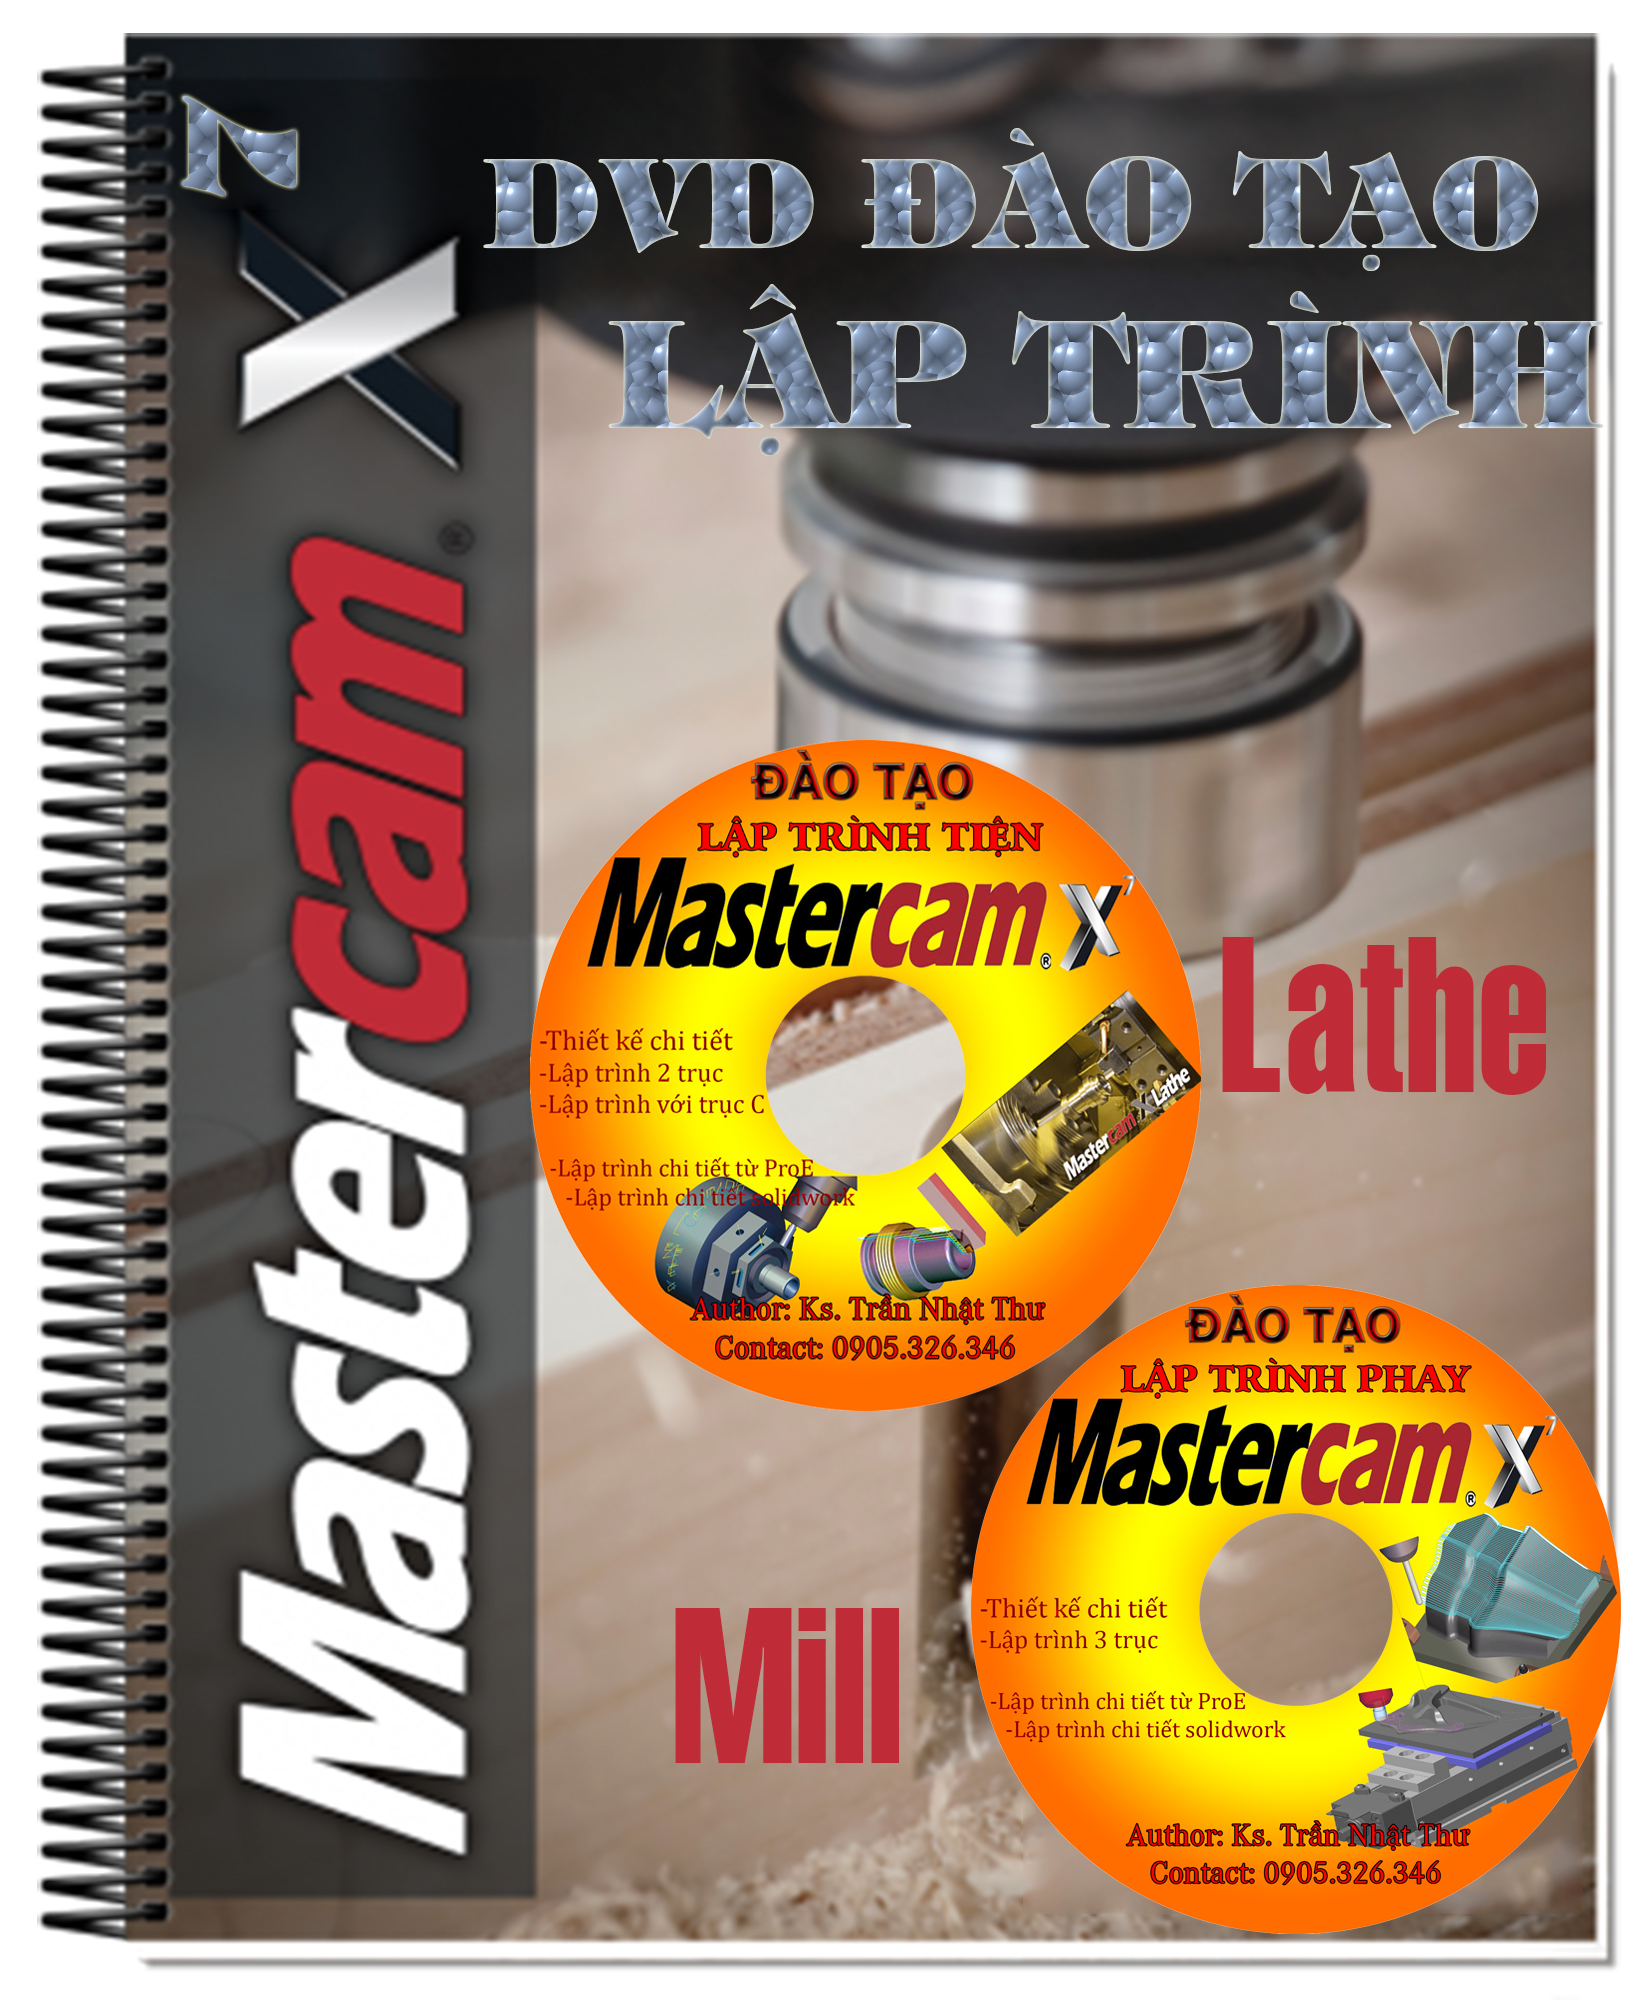 DVD đào tạo lập trình gia công tiện - phay với mastercam X7